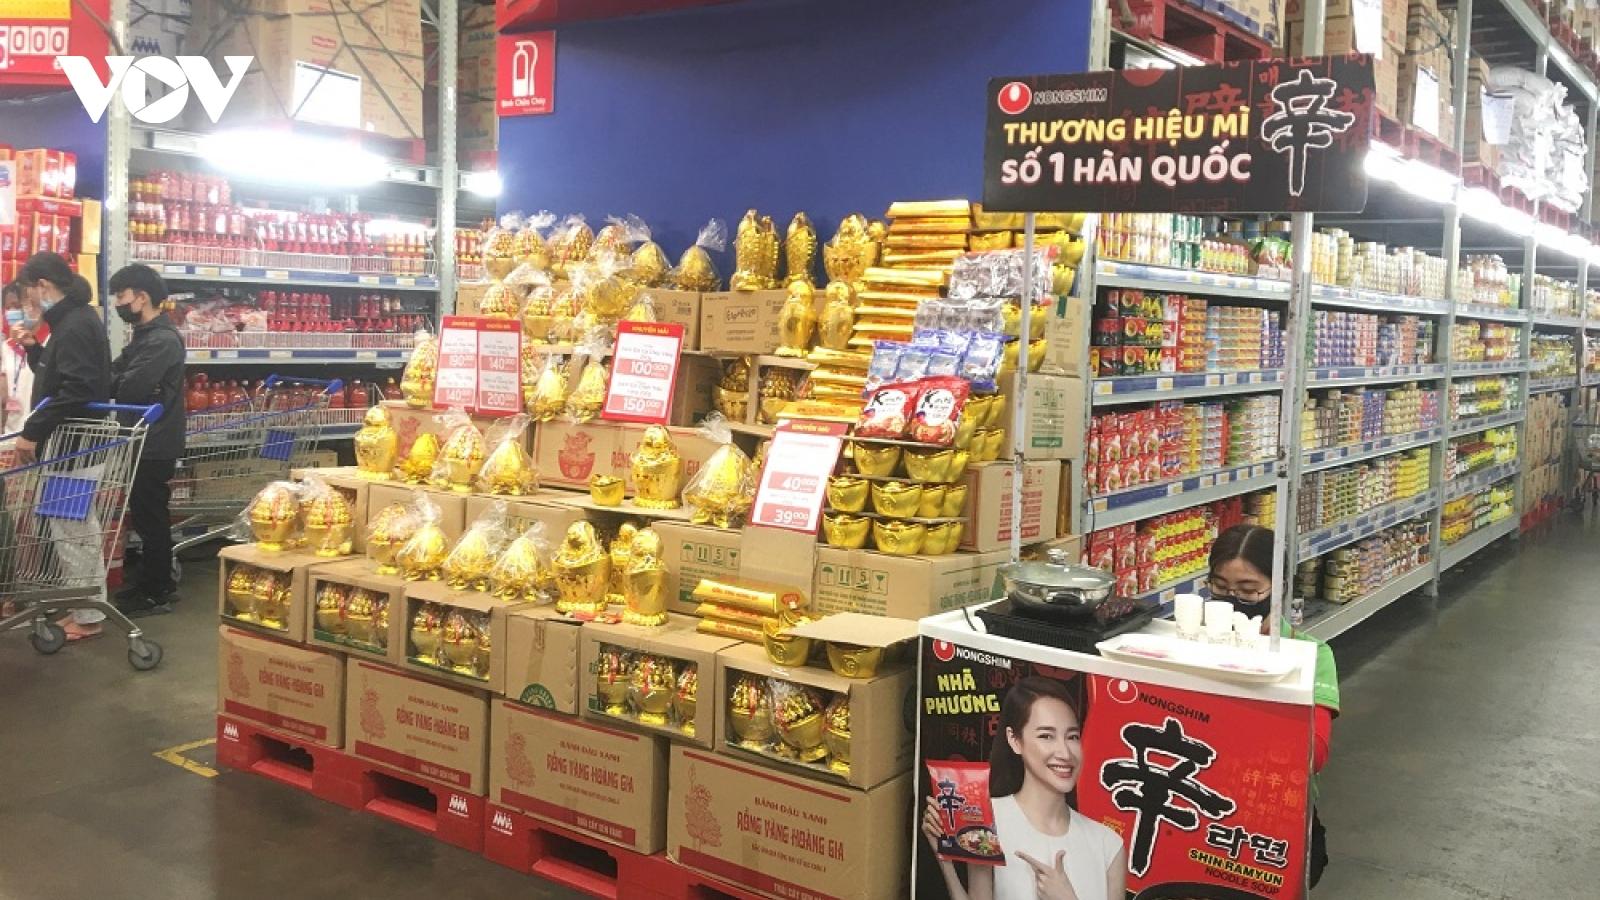 Đảm bảo nguồn cung hàng hóa phục vụ nhu cầu mua sắm dịp Tết Tân Sửu